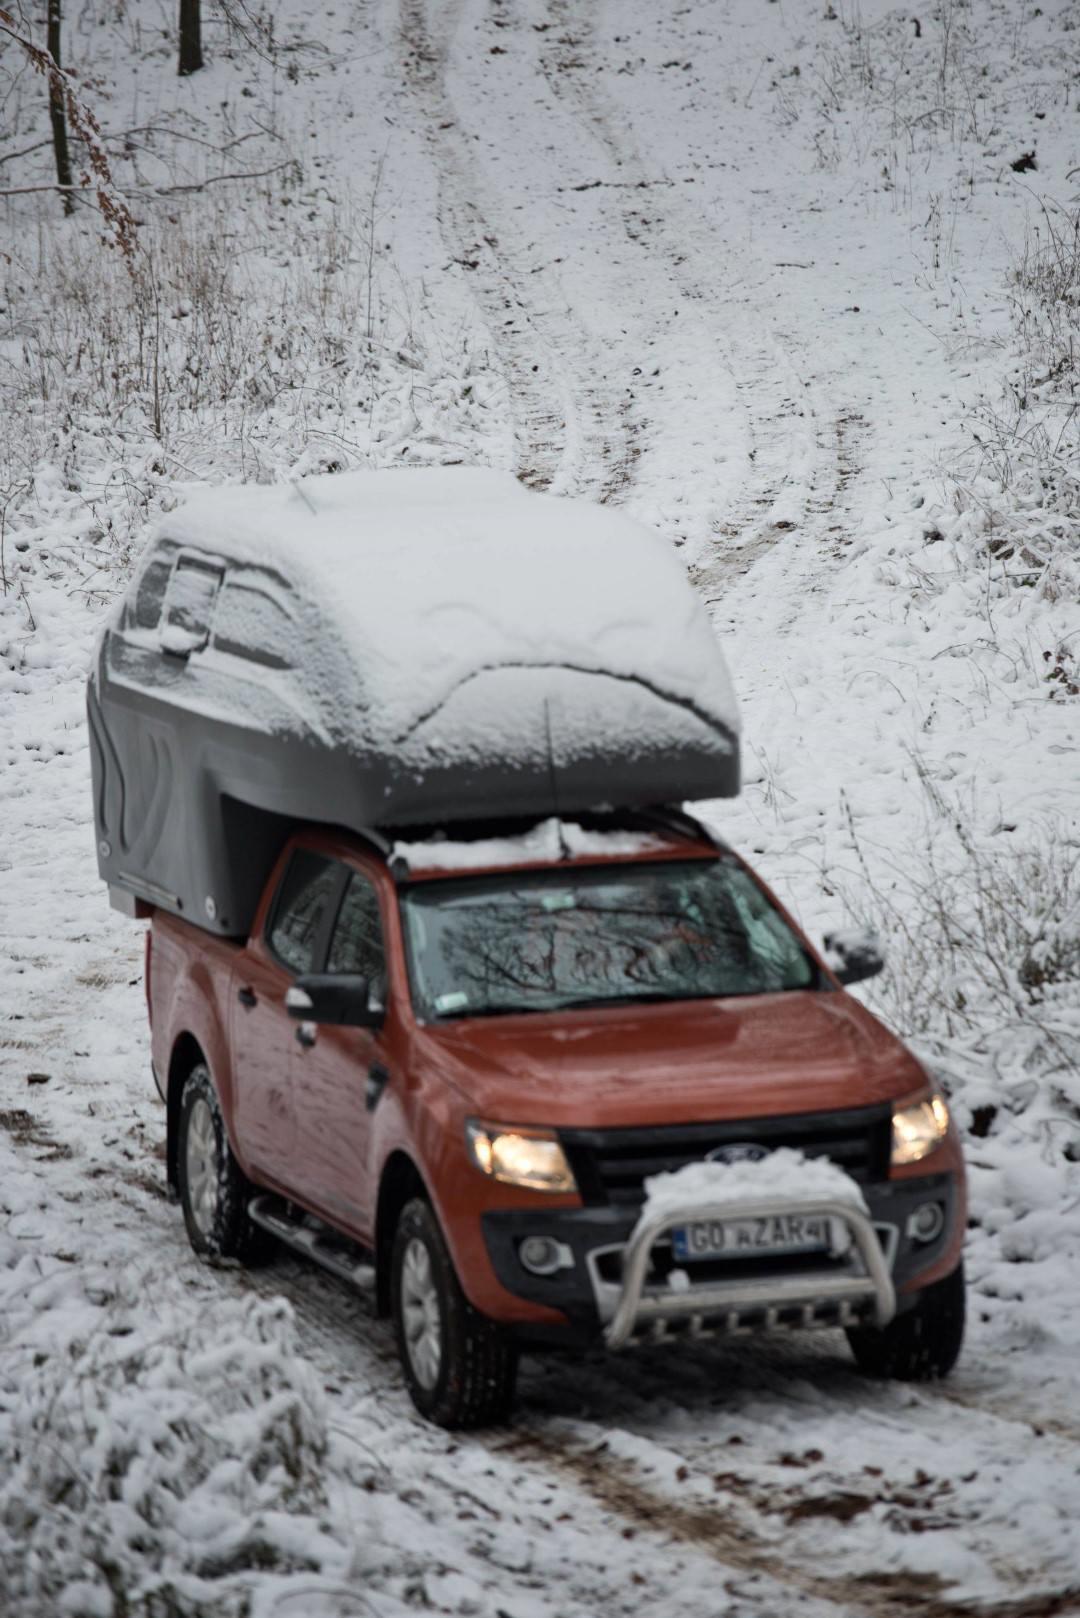 AZAR4 - Entwicklung eines Camper für 4x4 Pickup - AZAR4 01282 DSC5400 D01 min scaled - Anpassung der AZAR4-Absetzkabine an die winterlichen Wetterverhältnisse